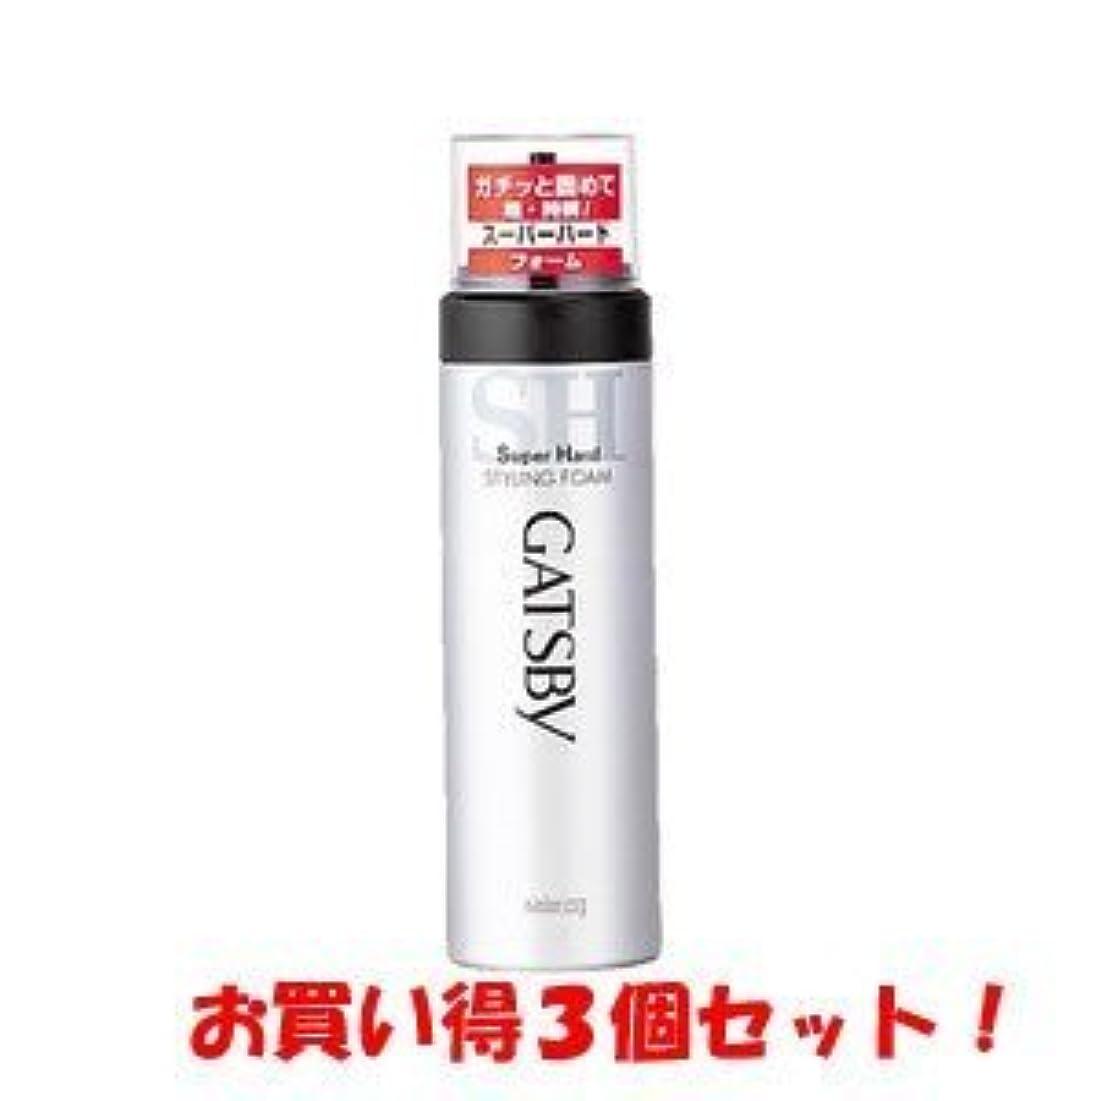 採用野ウサギ地域のギャツビー【GATSBY】スタイリングフォーム スーパーハード 185g(お買い得3個セット)